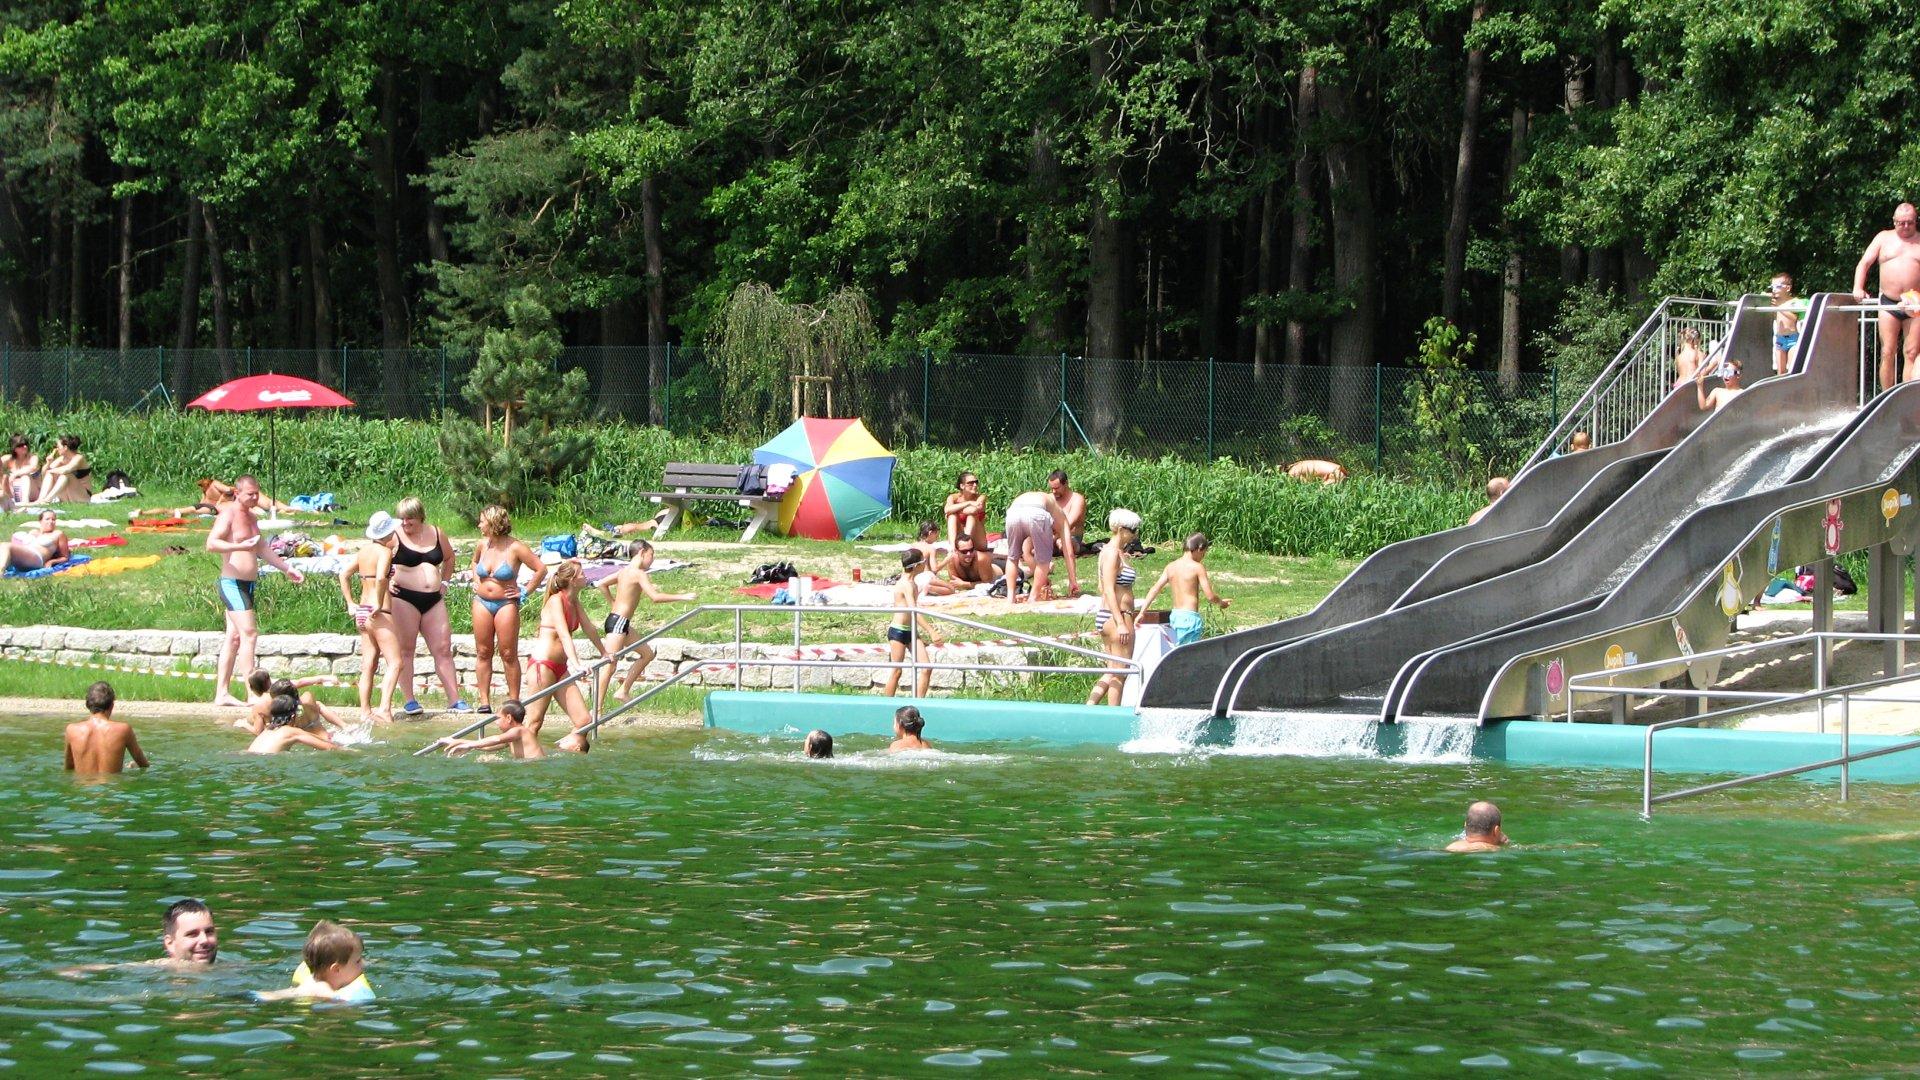 Koupaliště Borek u Čeckých Budějovic – Parádní letní osvěžení